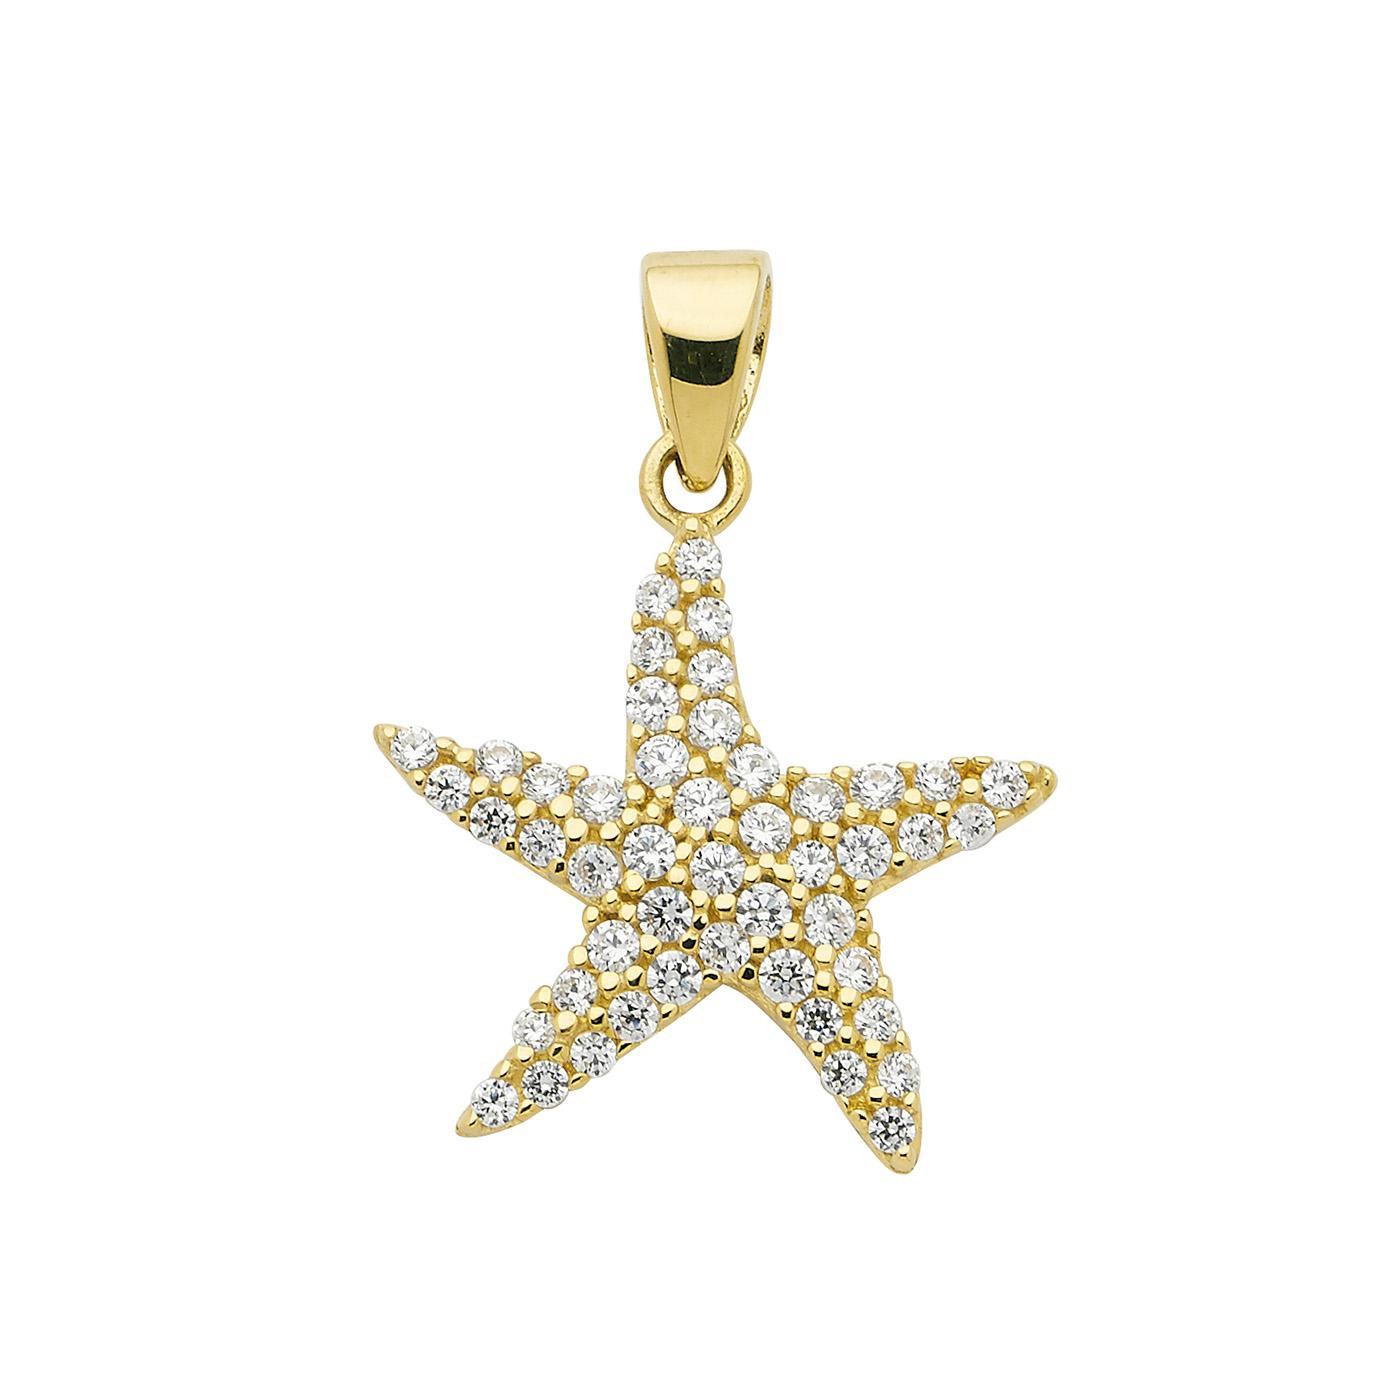 stjerne vedhæng i guld